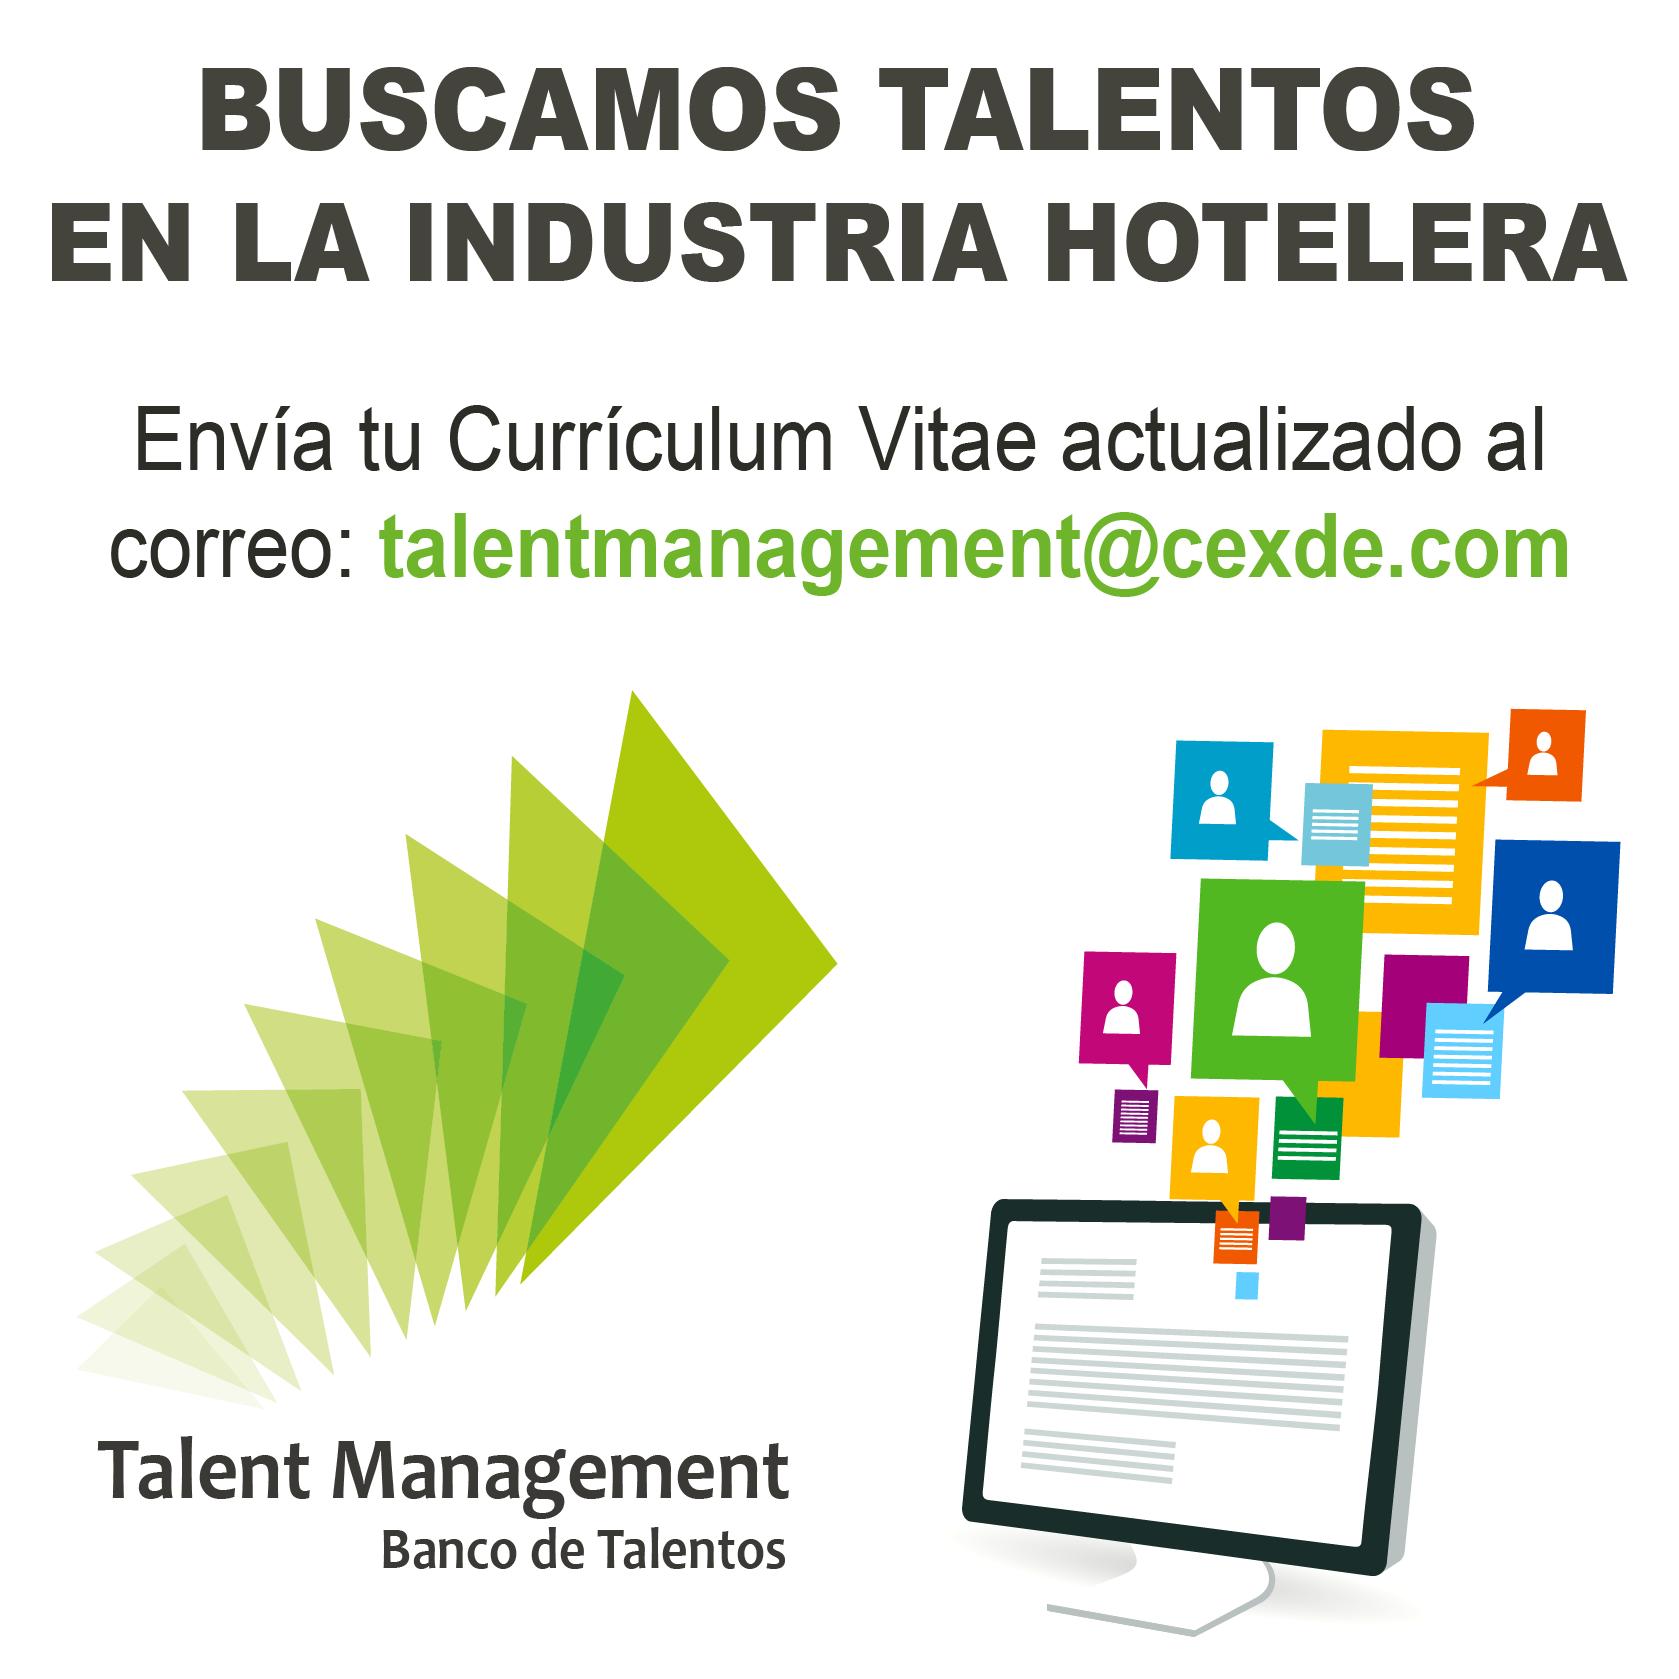 Envía tu Currículum Vitae HOY a: talentmanagement@cexde.com ...